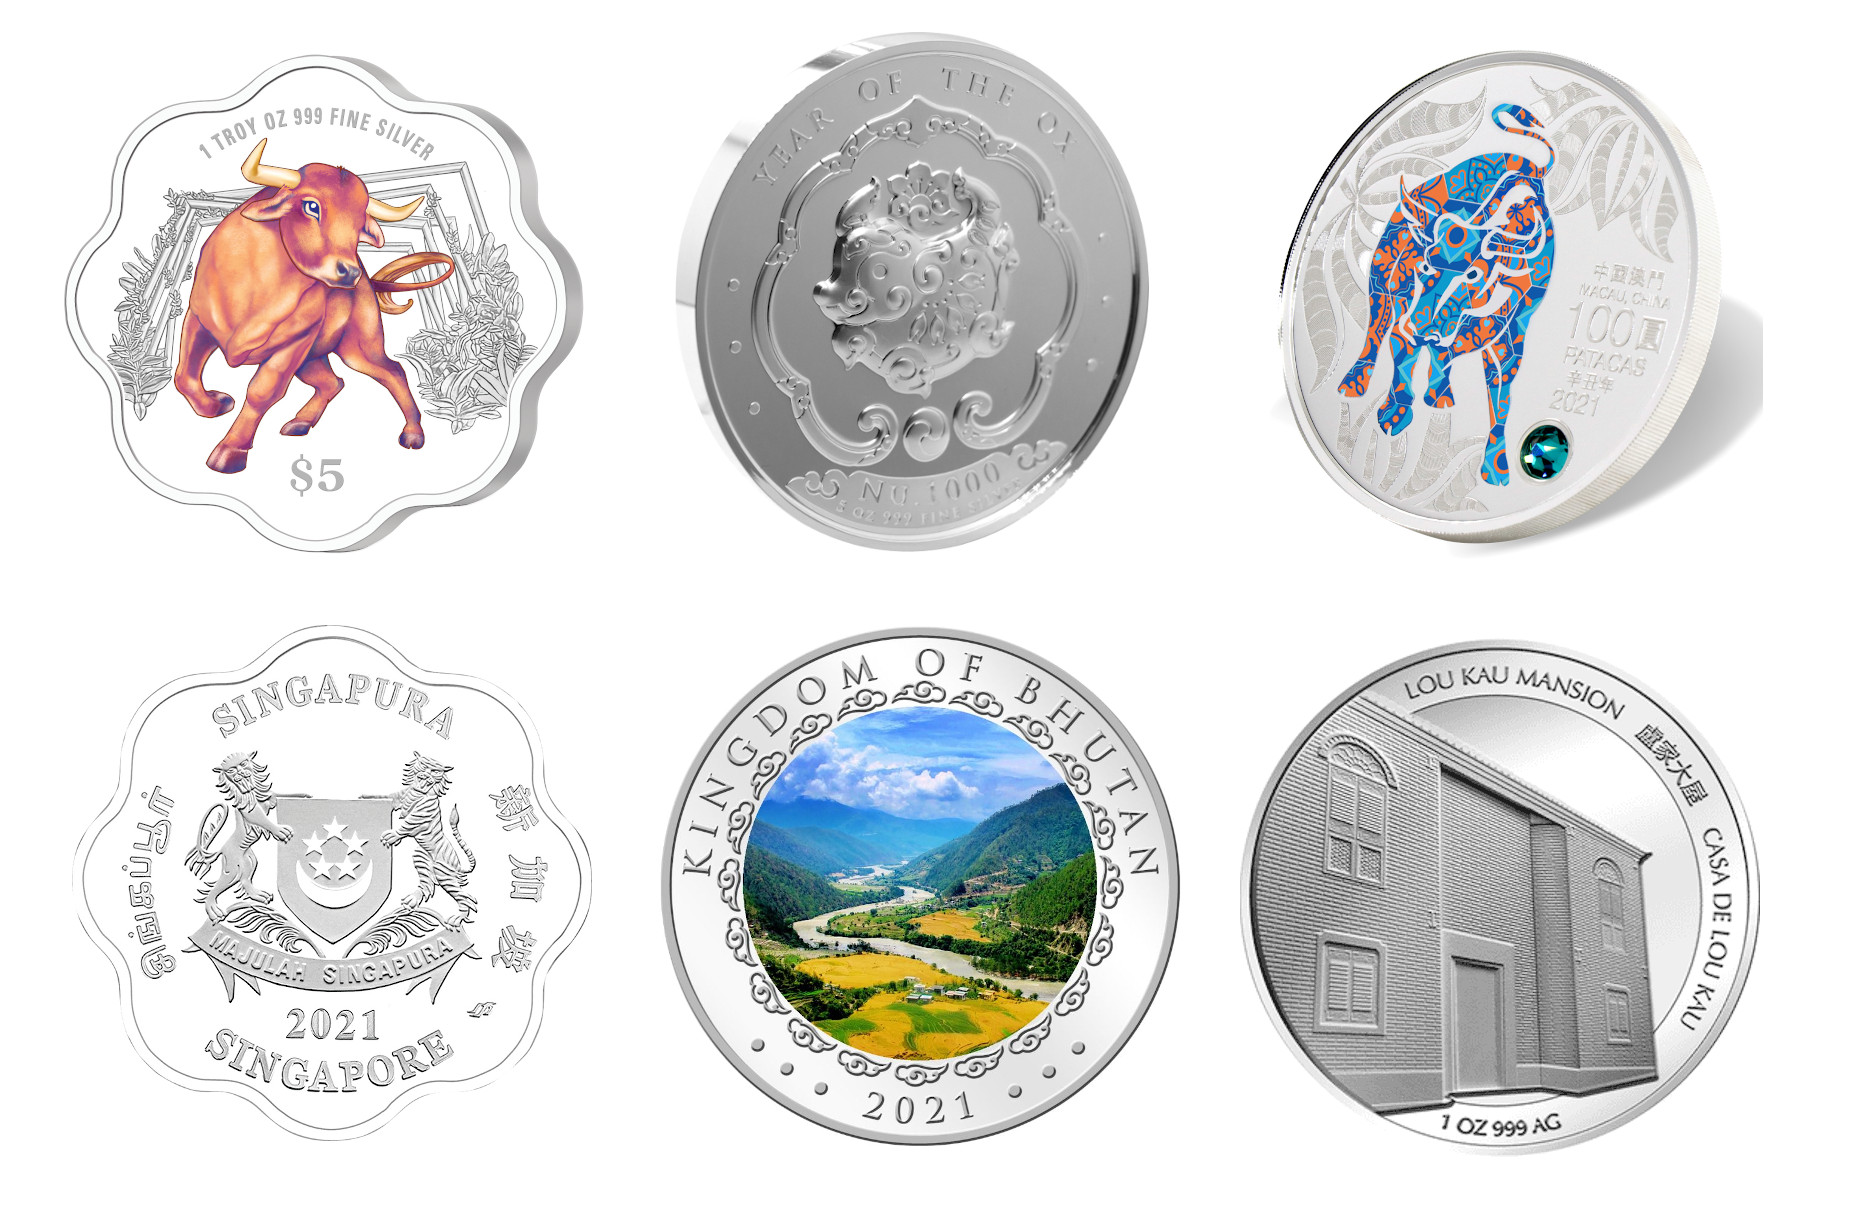 シンガポール鋳造の干支コイン